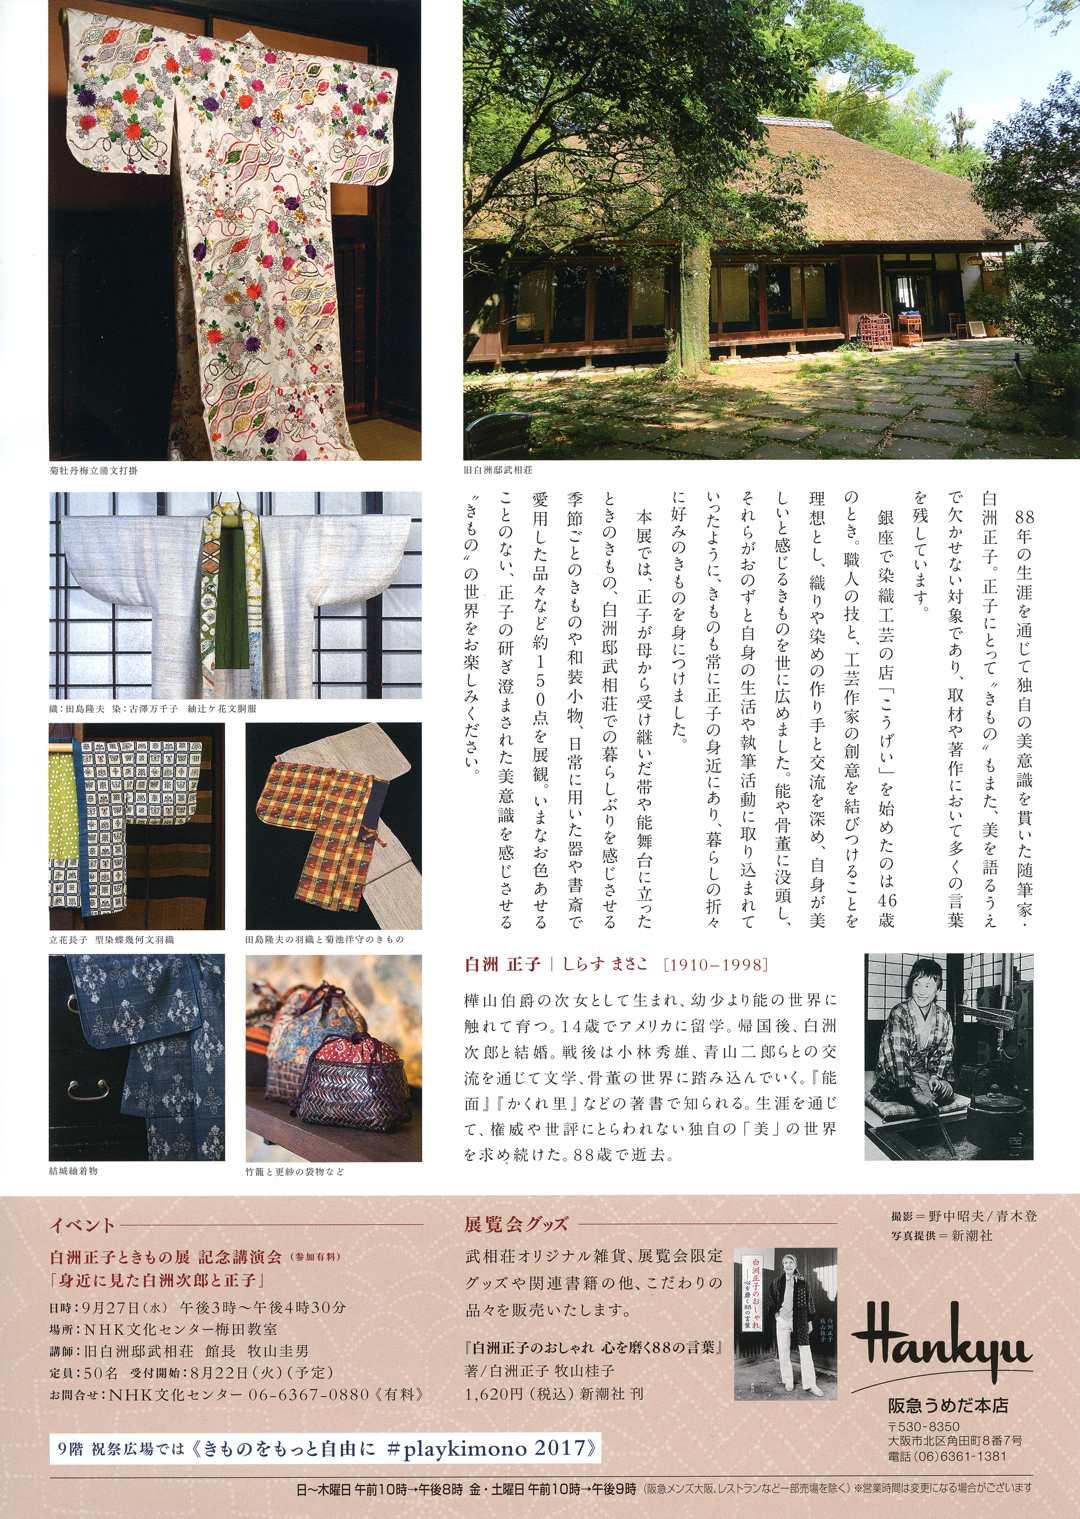 【特別展】白洲正子ときもの 2017 阪急うめだ本店